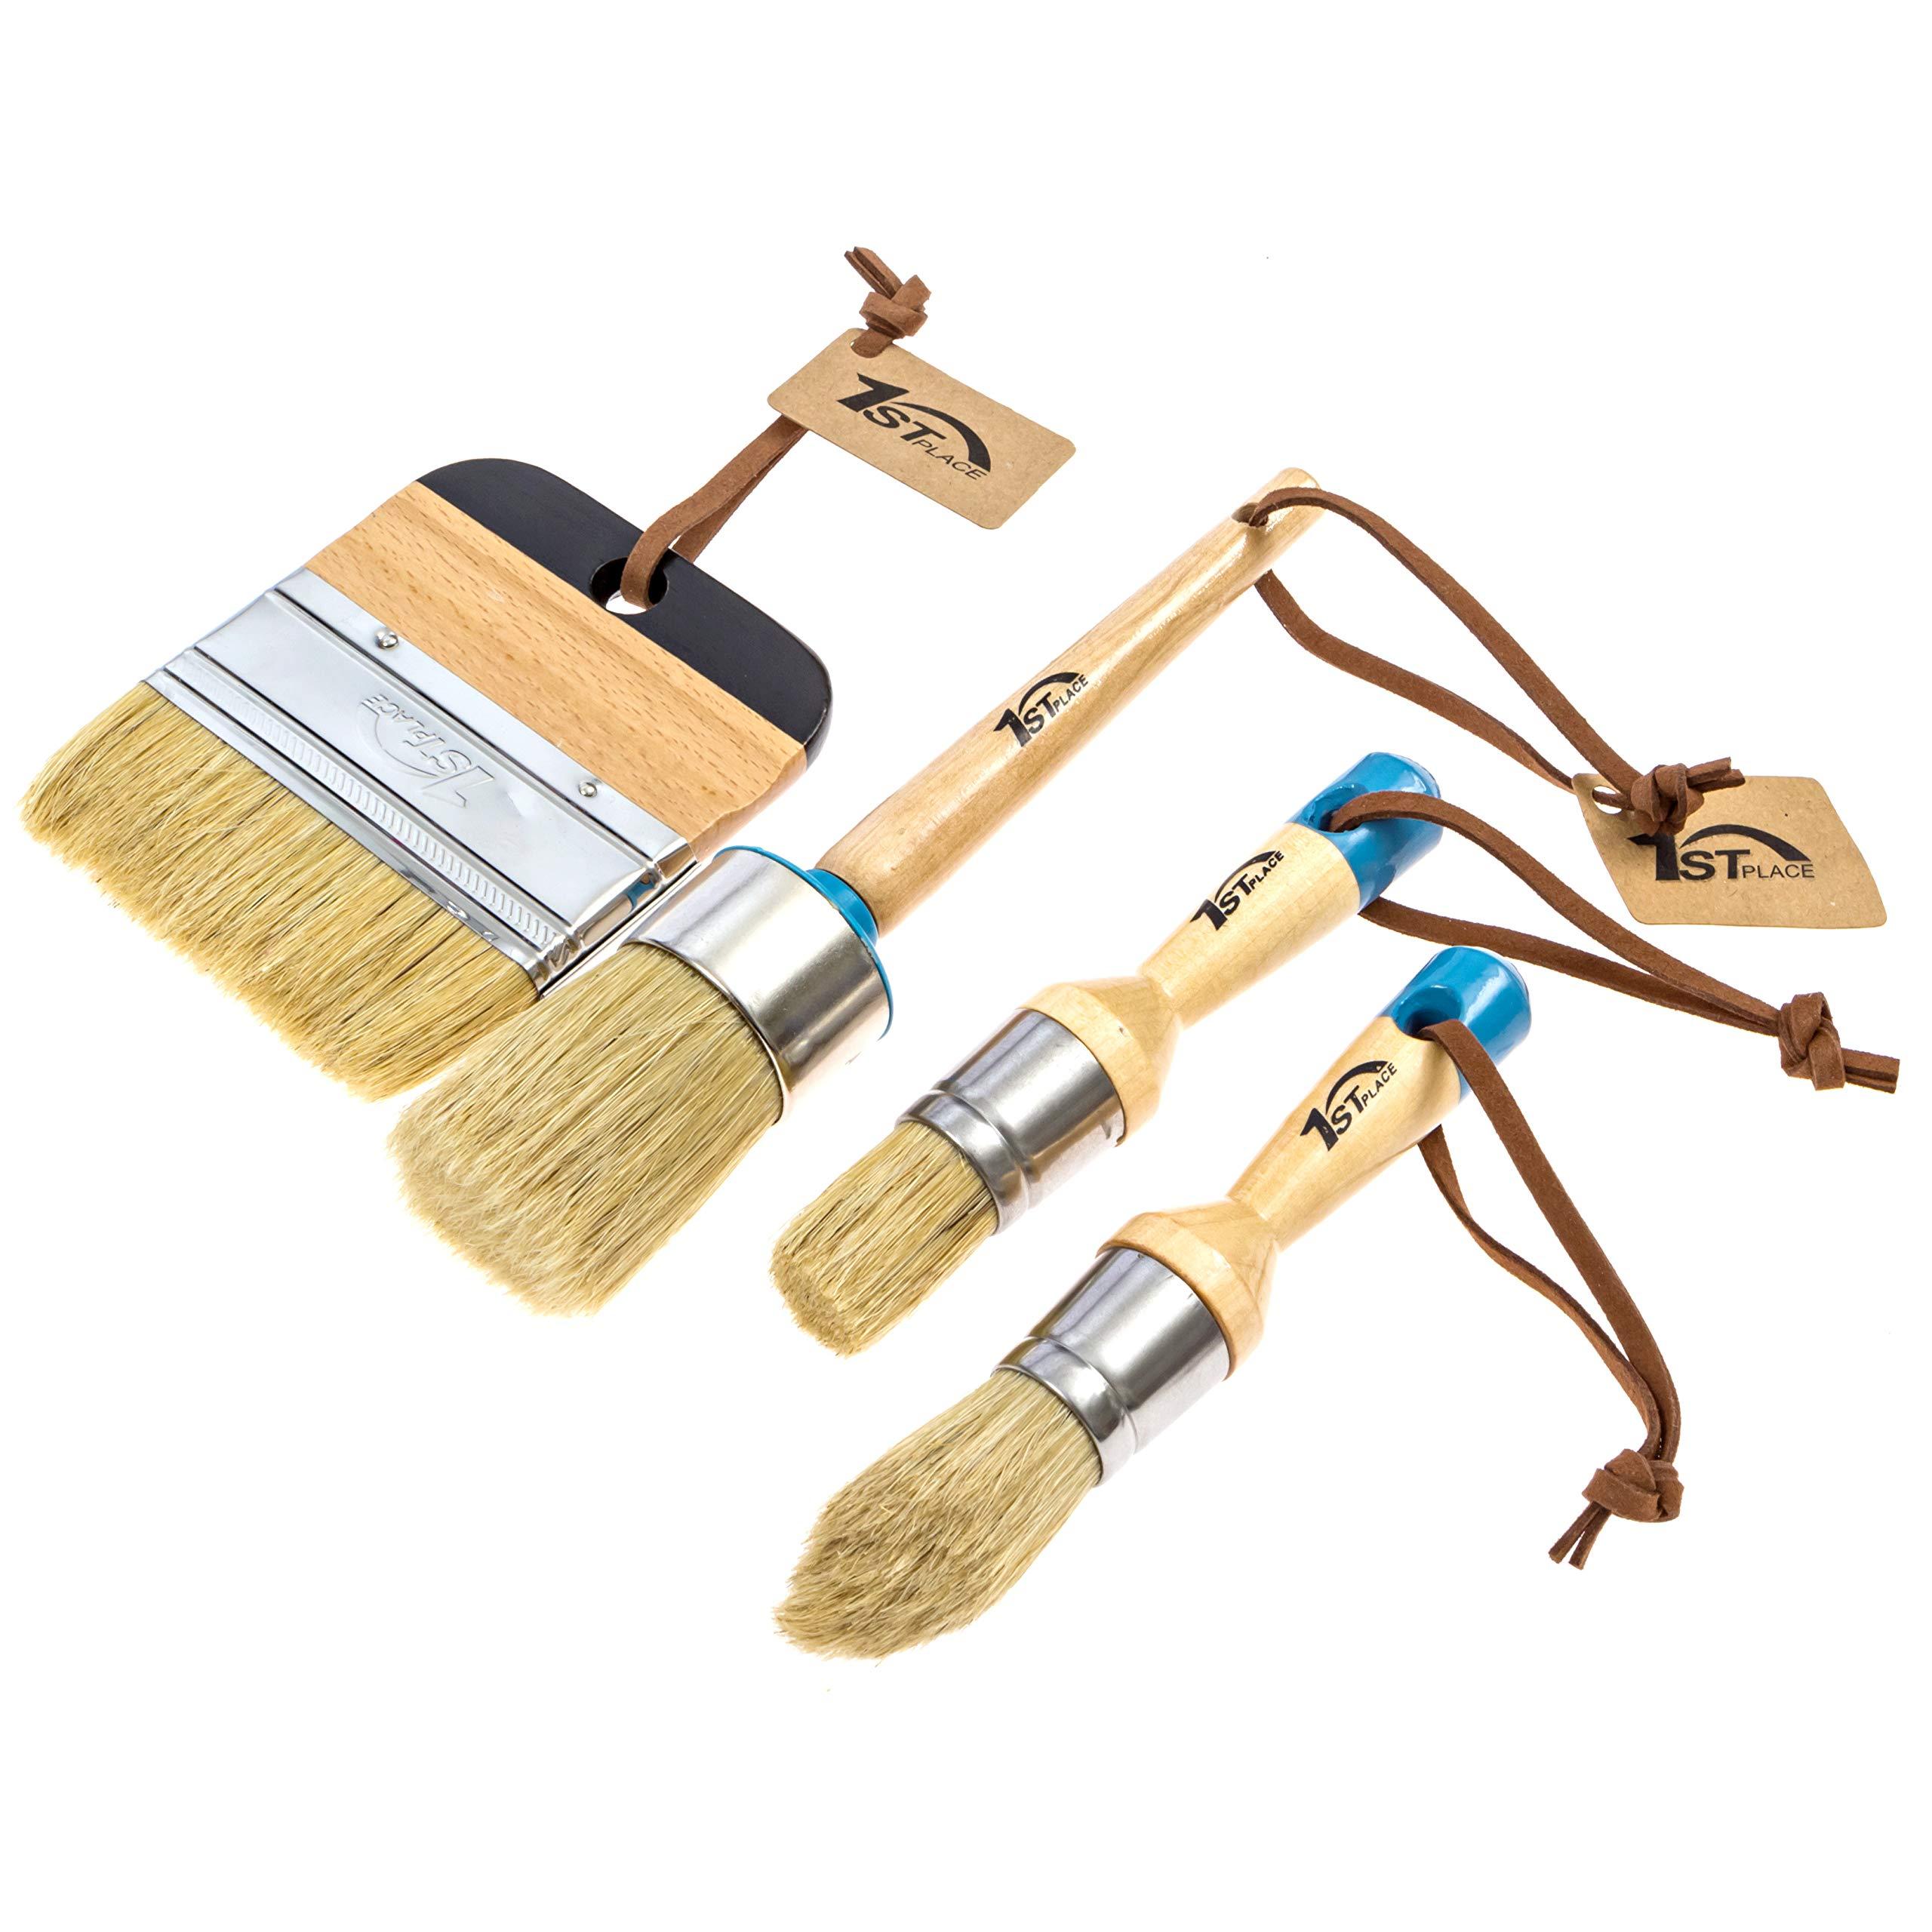 1st Place Chalk & Wax Natural Bristle Brush Set - Round Brush, 2 Piece Brush Set & 4'' Flat Brush - (4 Brushes) by 1st Place